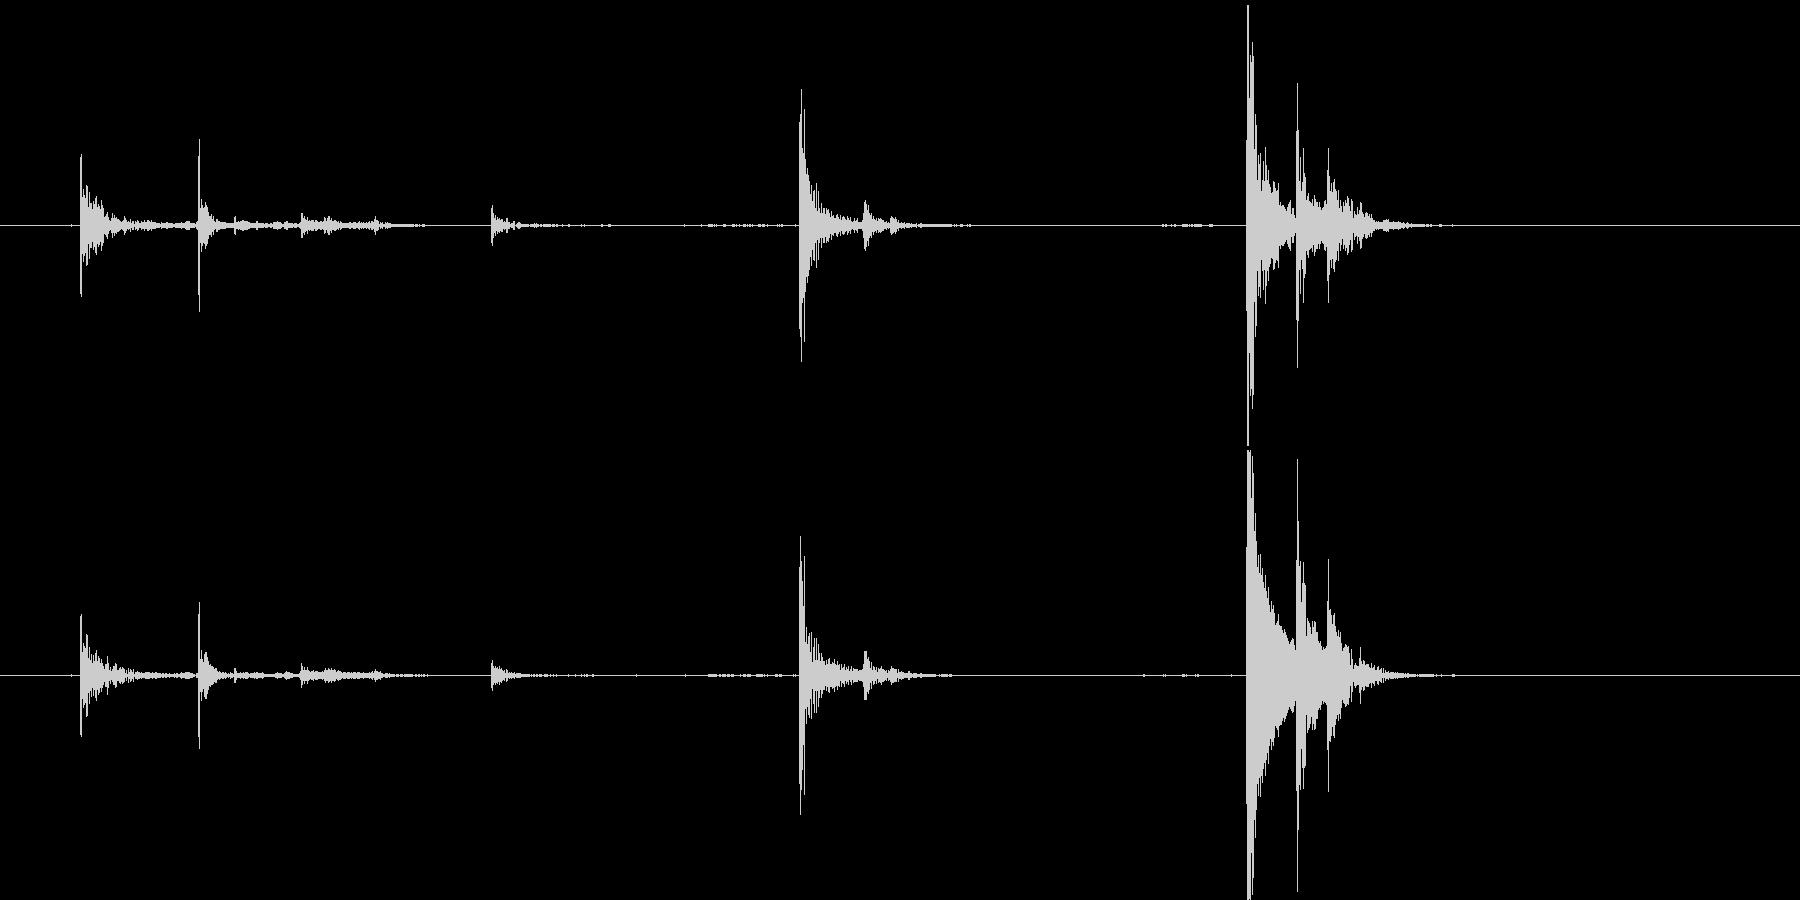 2つの固体ガラス瓶:一緒に鳴り響くの未再生の波形